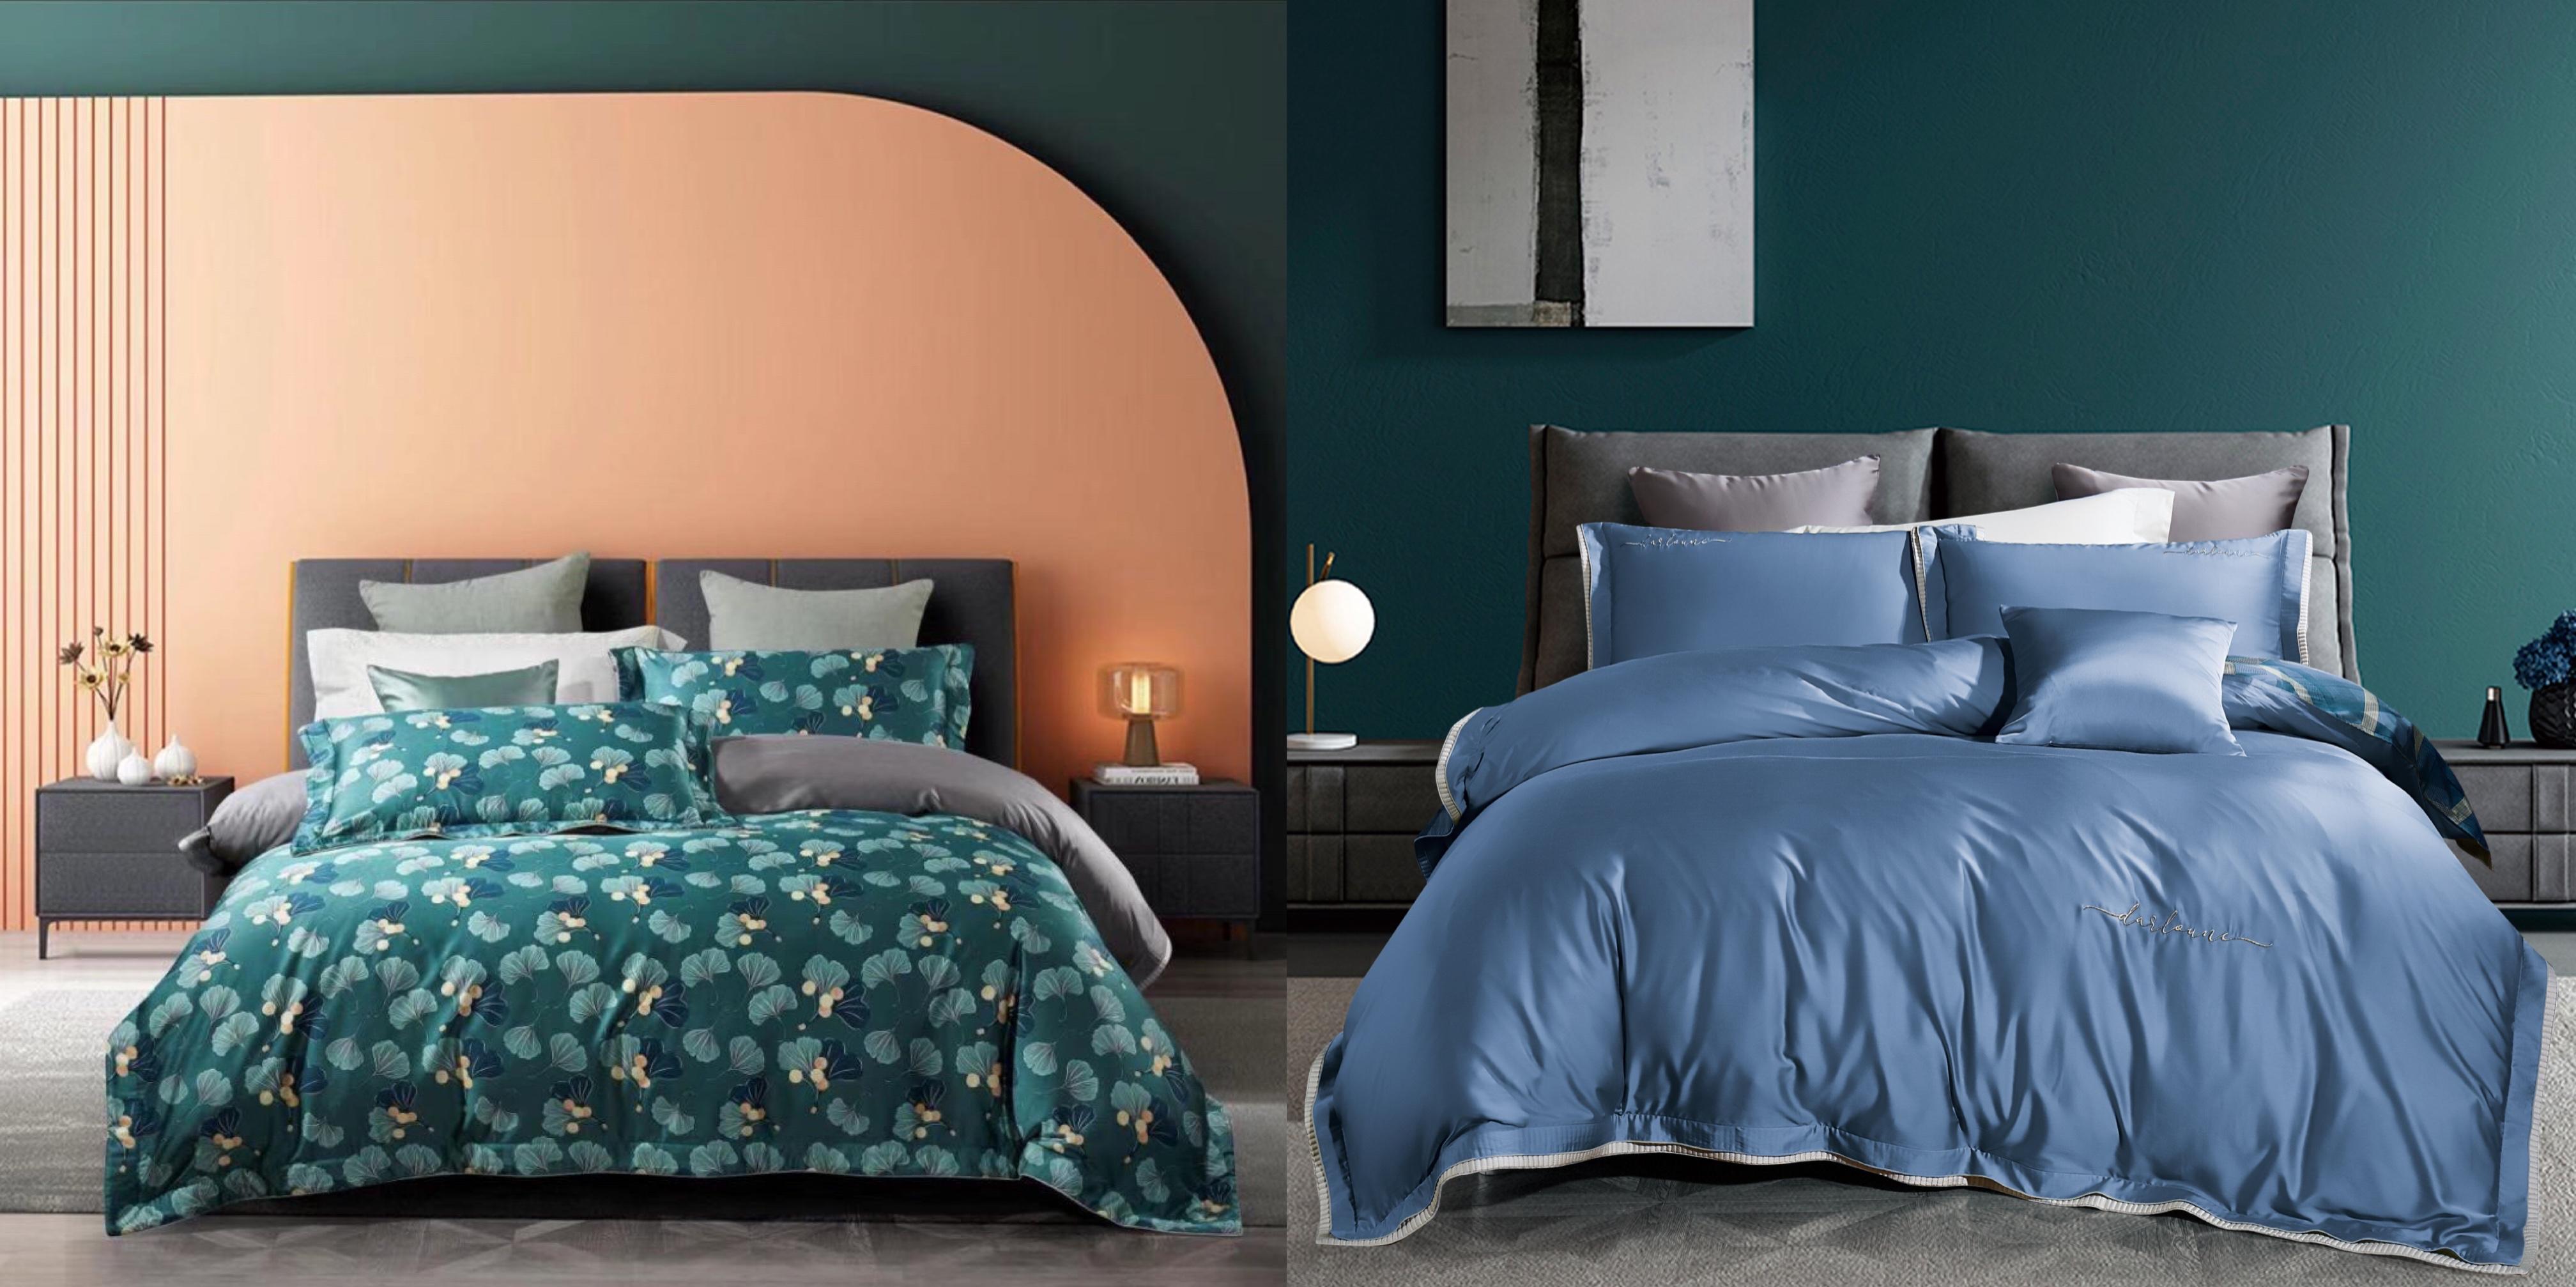 天絲床蓋雙麵款四件套-杏語嫣然&綠